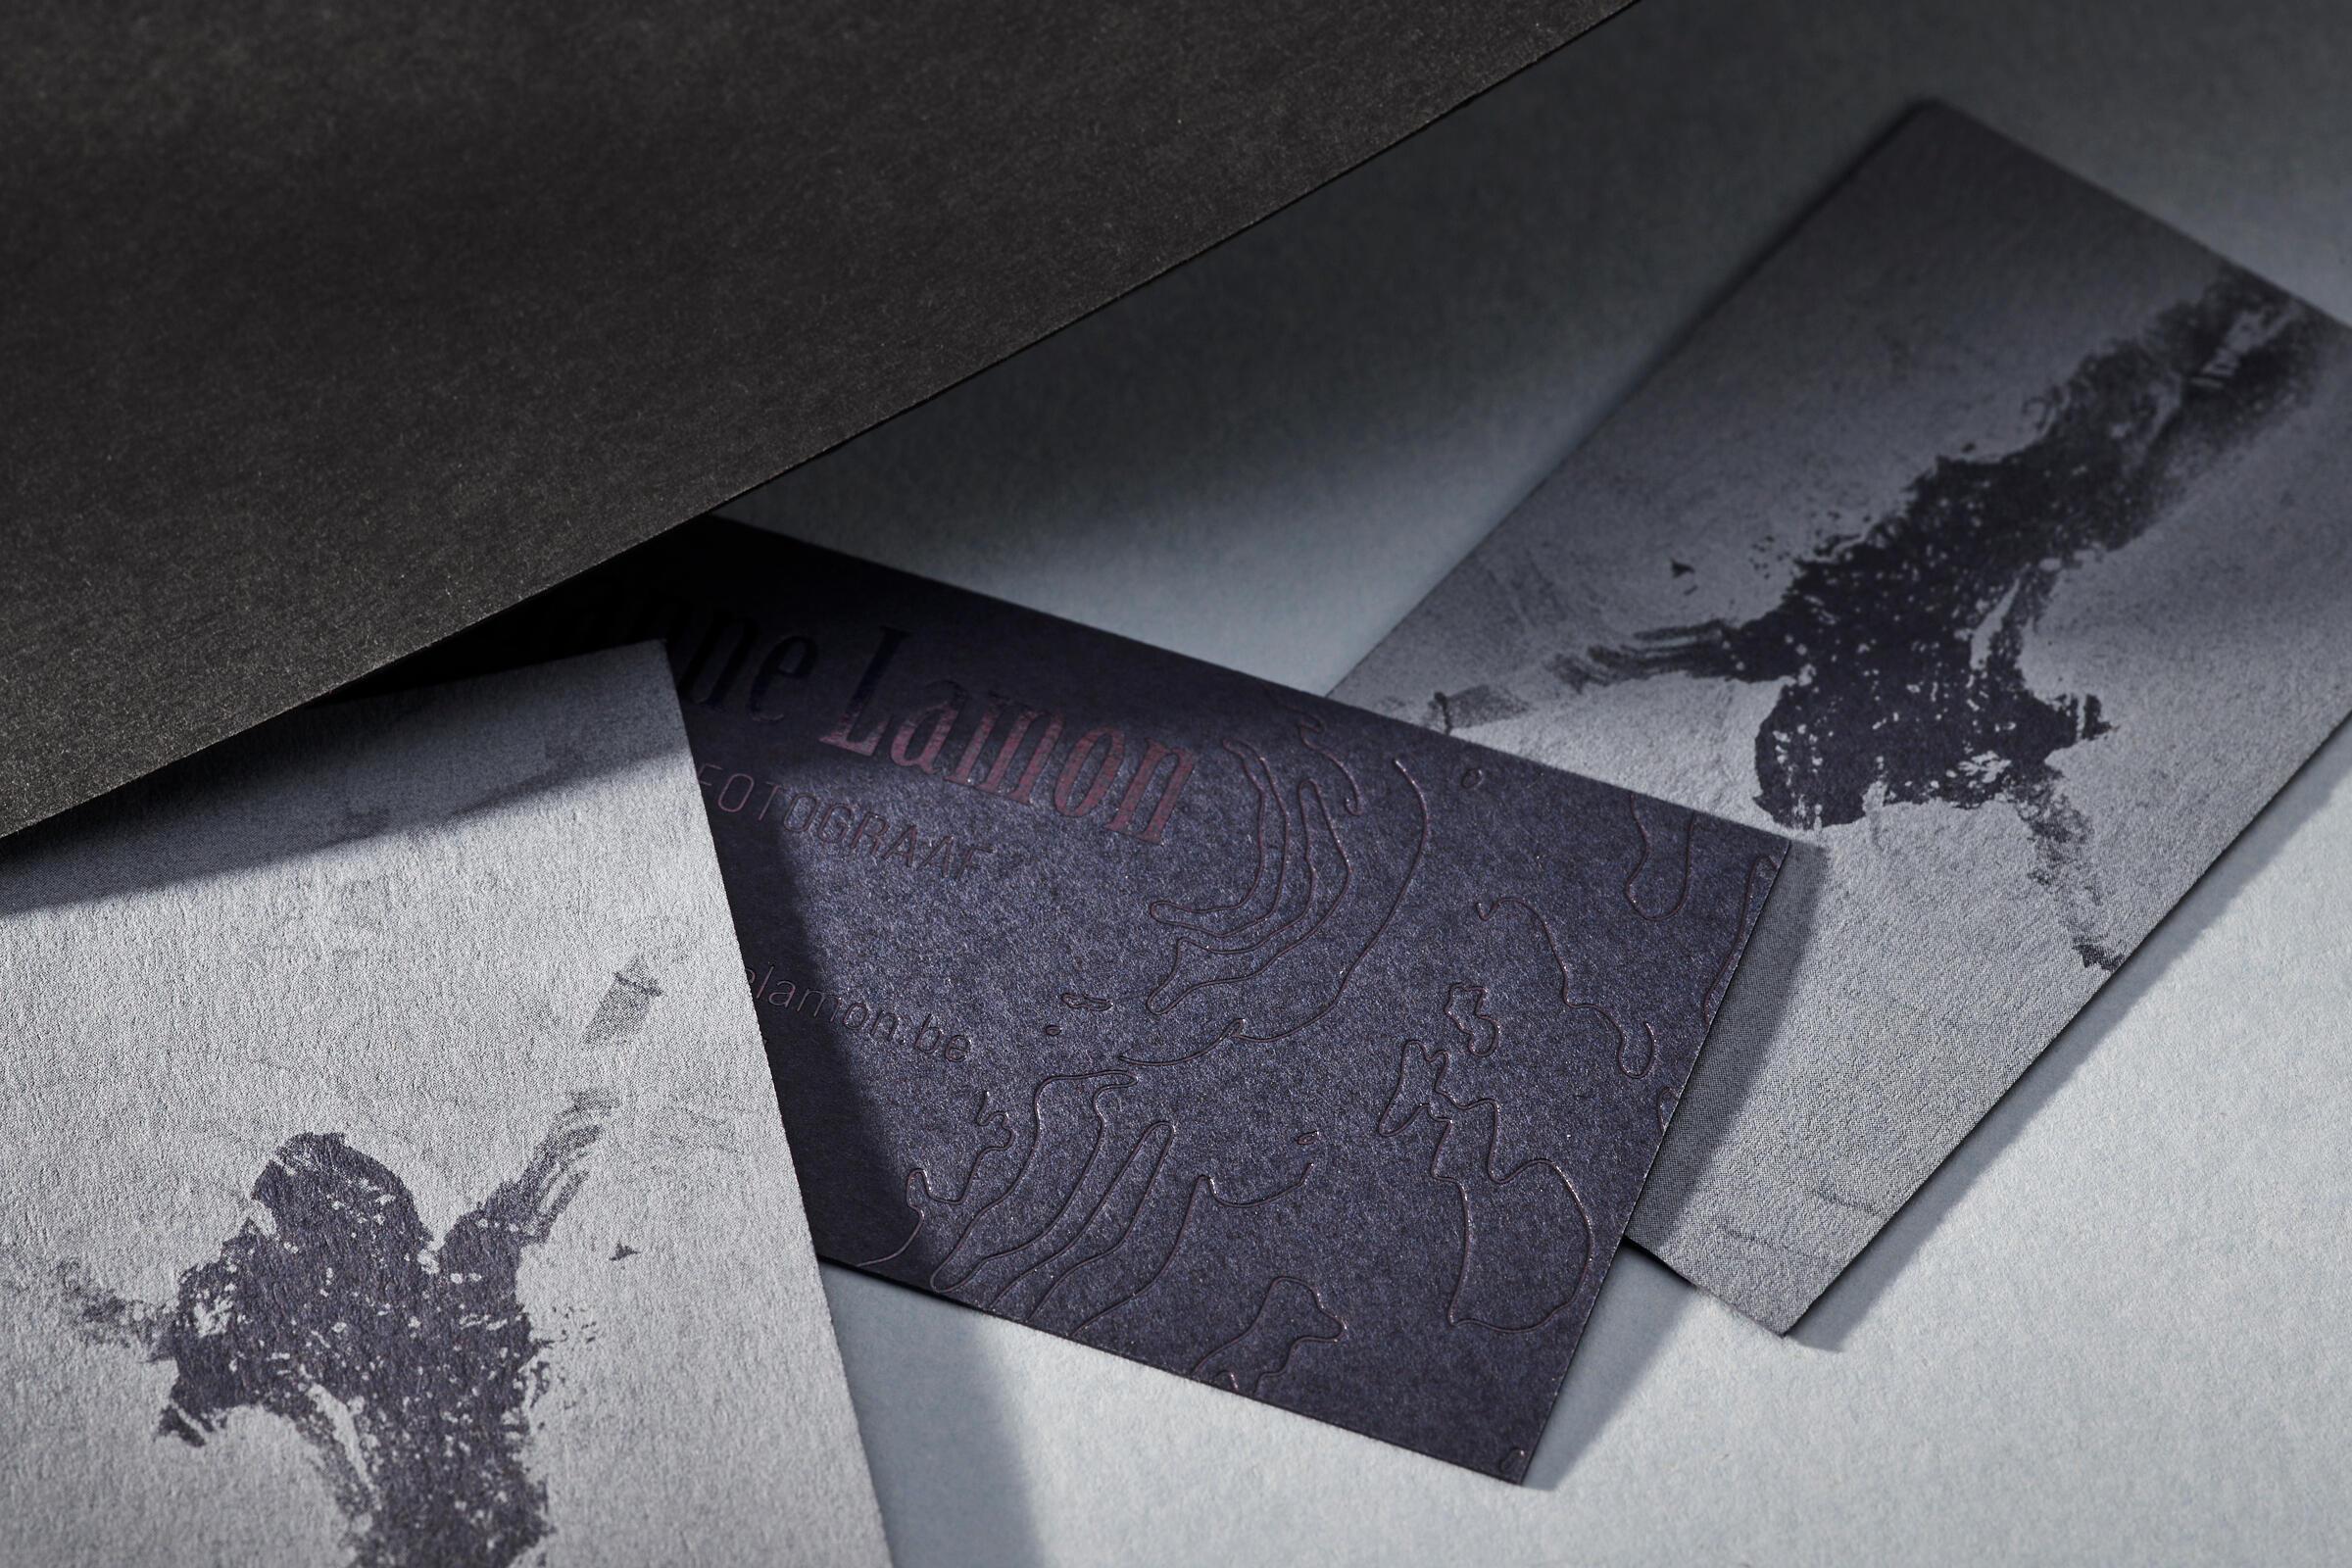 Naamkaartjes met witte inkt op donker papier